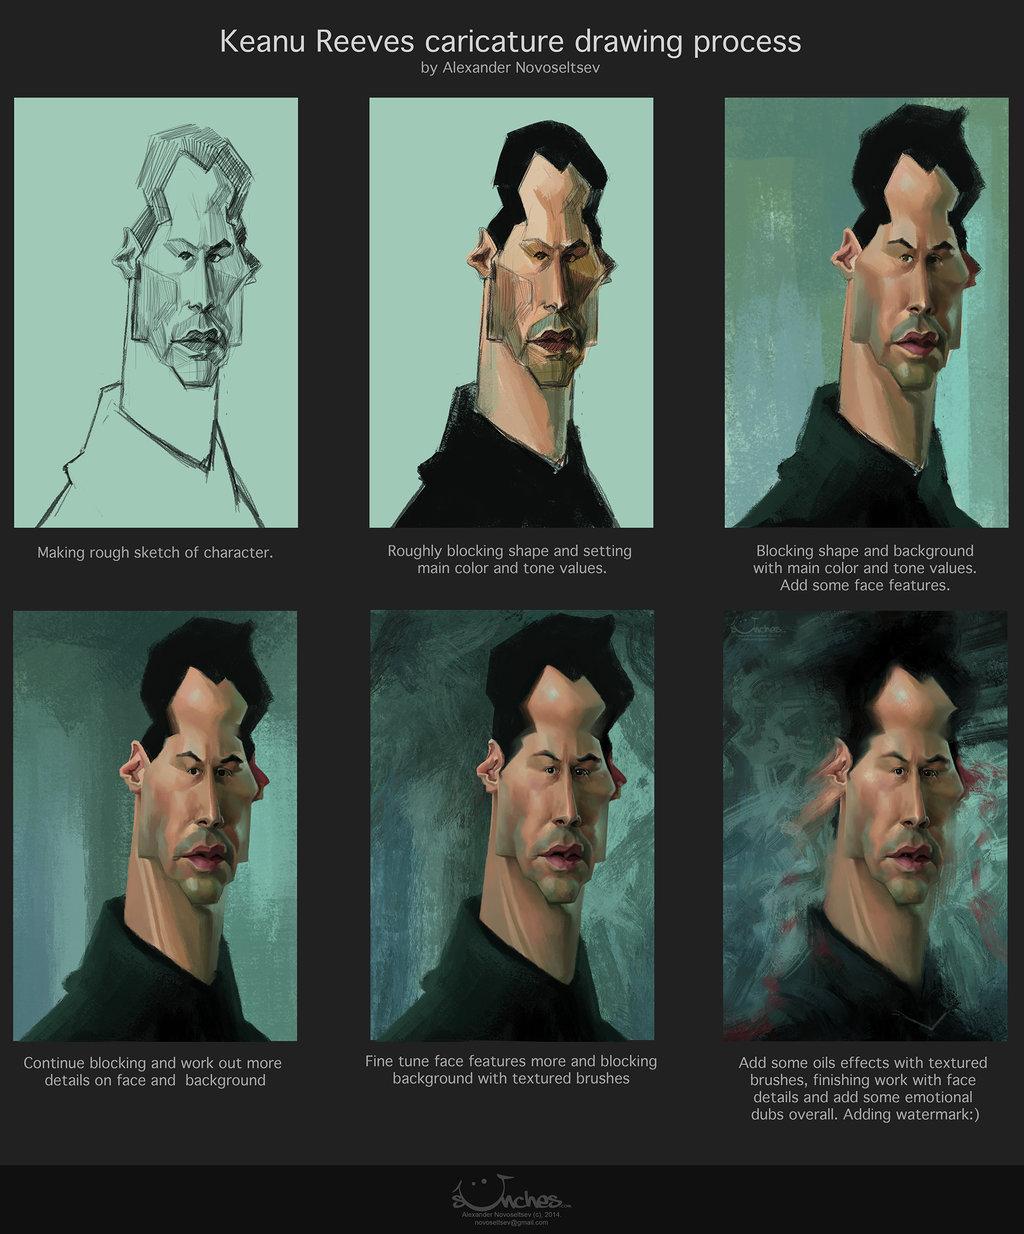 """Proceso caricatura de """"Keanu Reeves"""" por Alexander Novoseltev"""